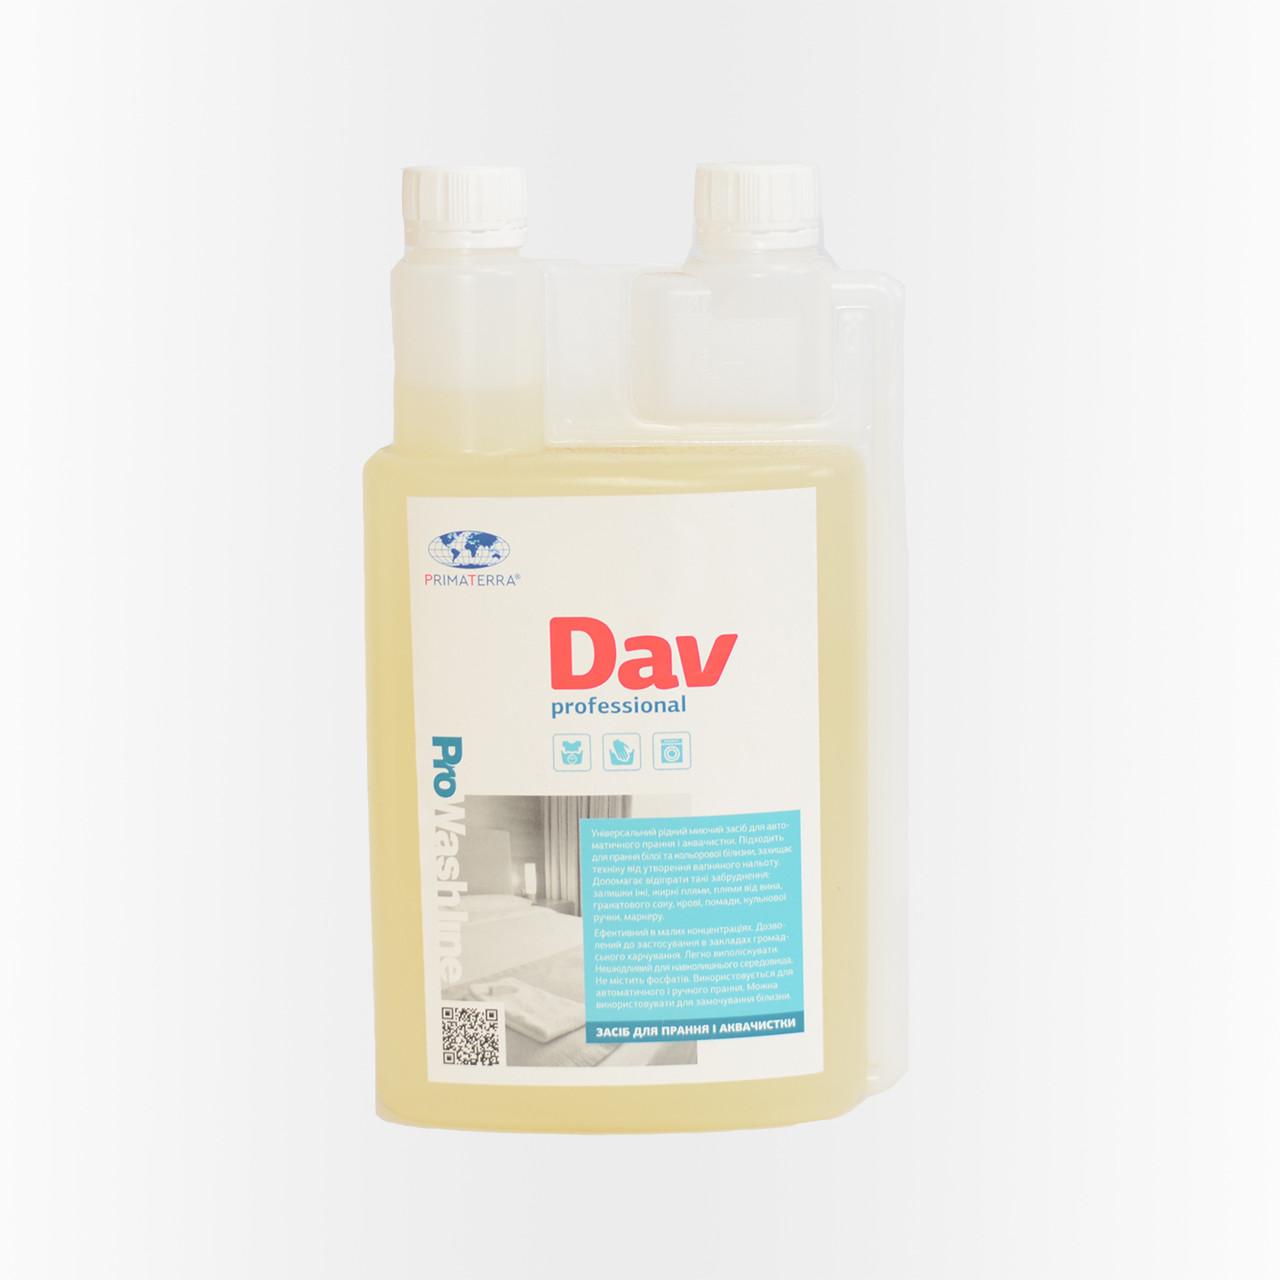 Рідкий порошок для прання, PRIMATERRA DAV professional (1кг)